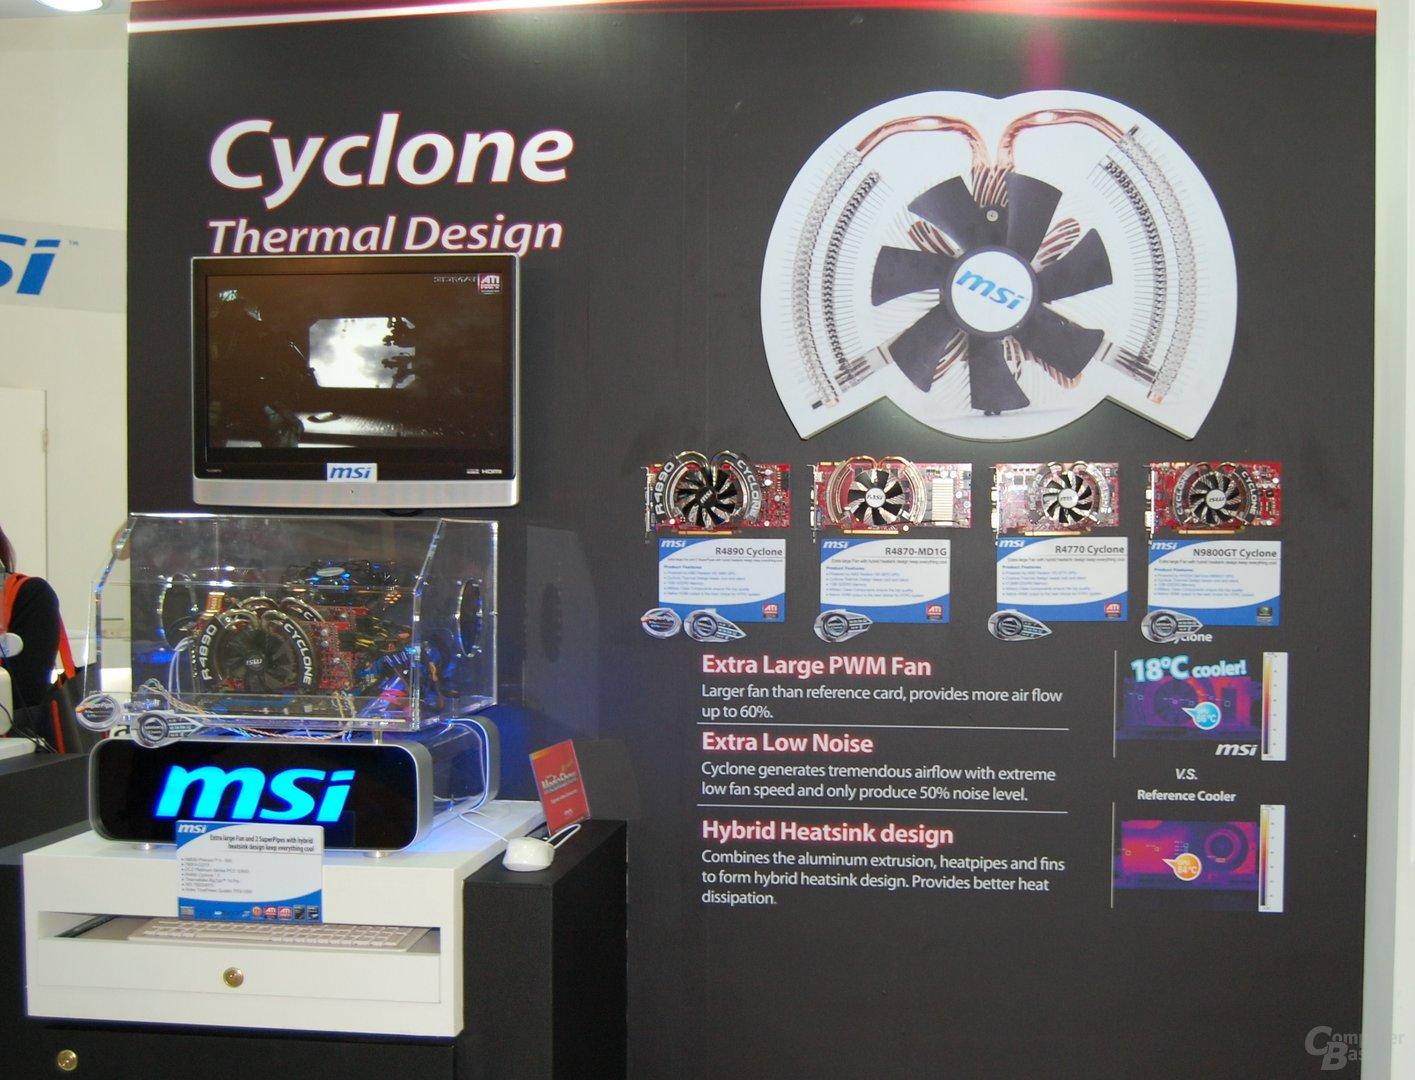 MSI Radeon HD 4890 & 4770 Cyclone